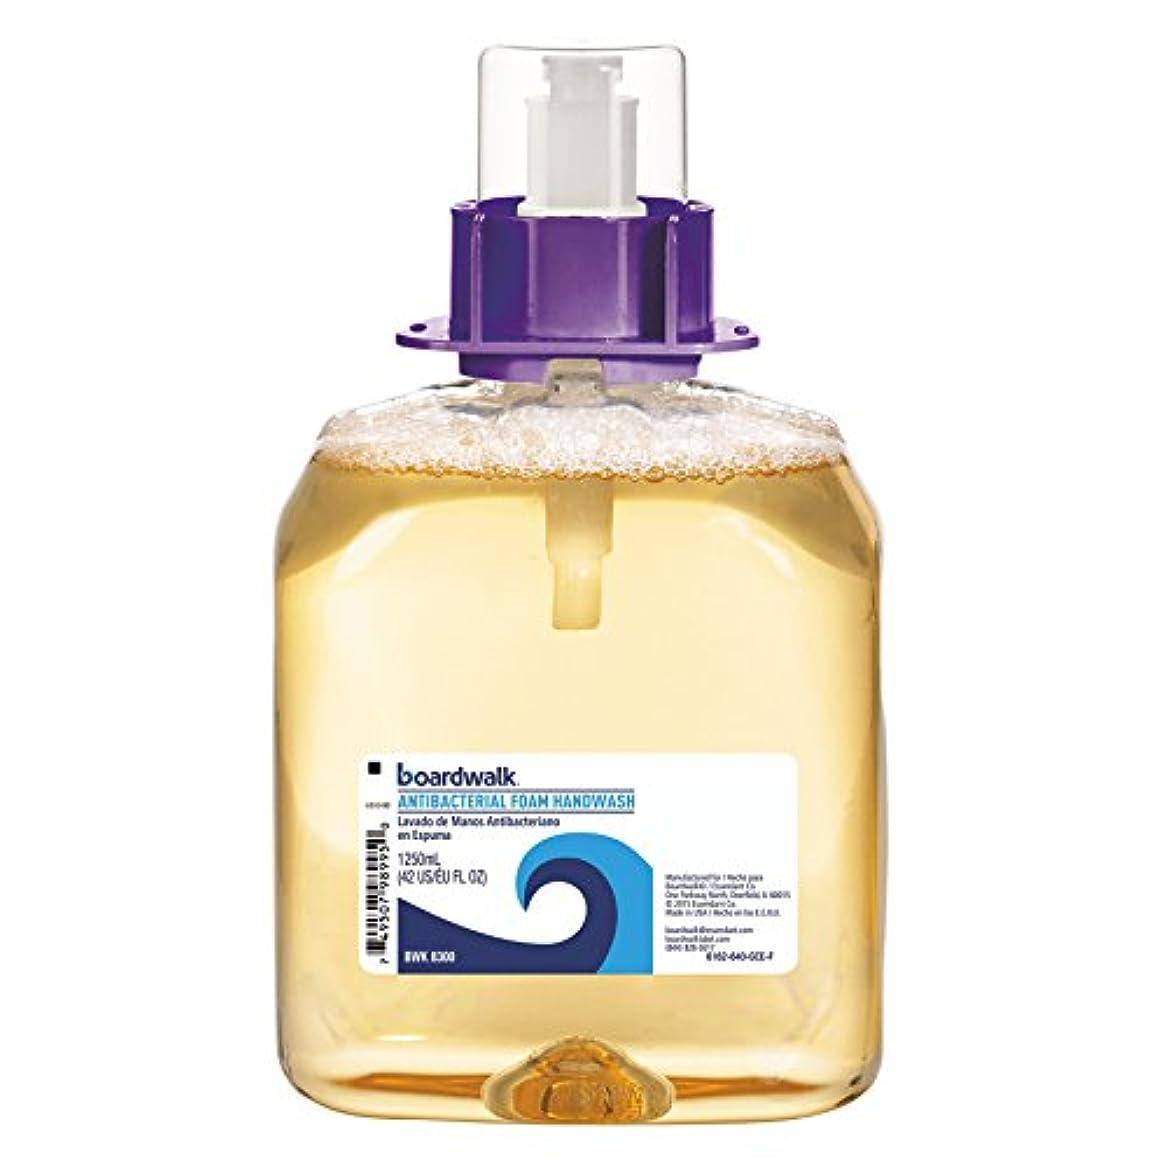 かすれたフラフープアテンダントFoam Antibacterial Handwash, Sweet Pea, 1250ml Refill, 4 per Carton (並行輸入品)